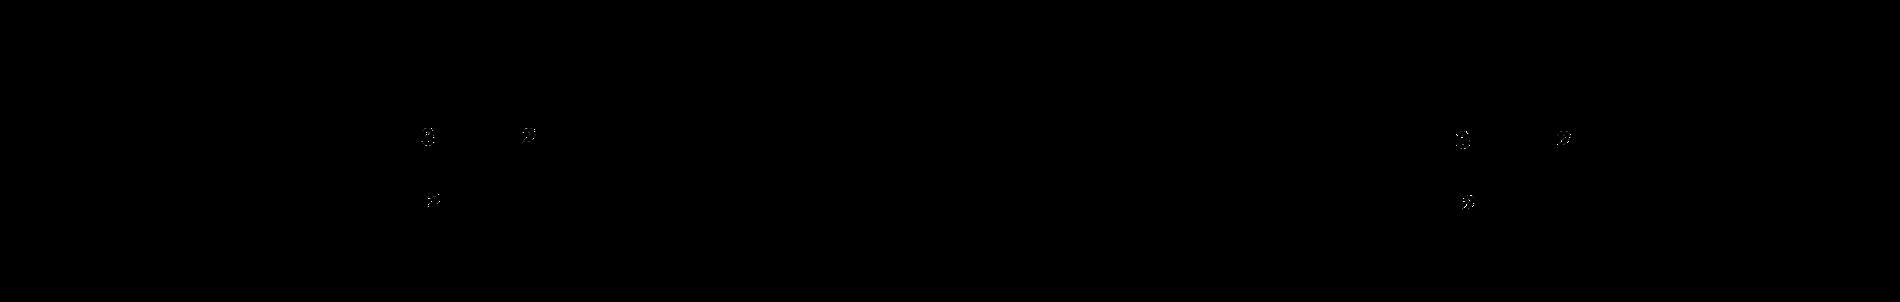 1 4 dimethoxybenzene and 3 methyl 2 butanol product